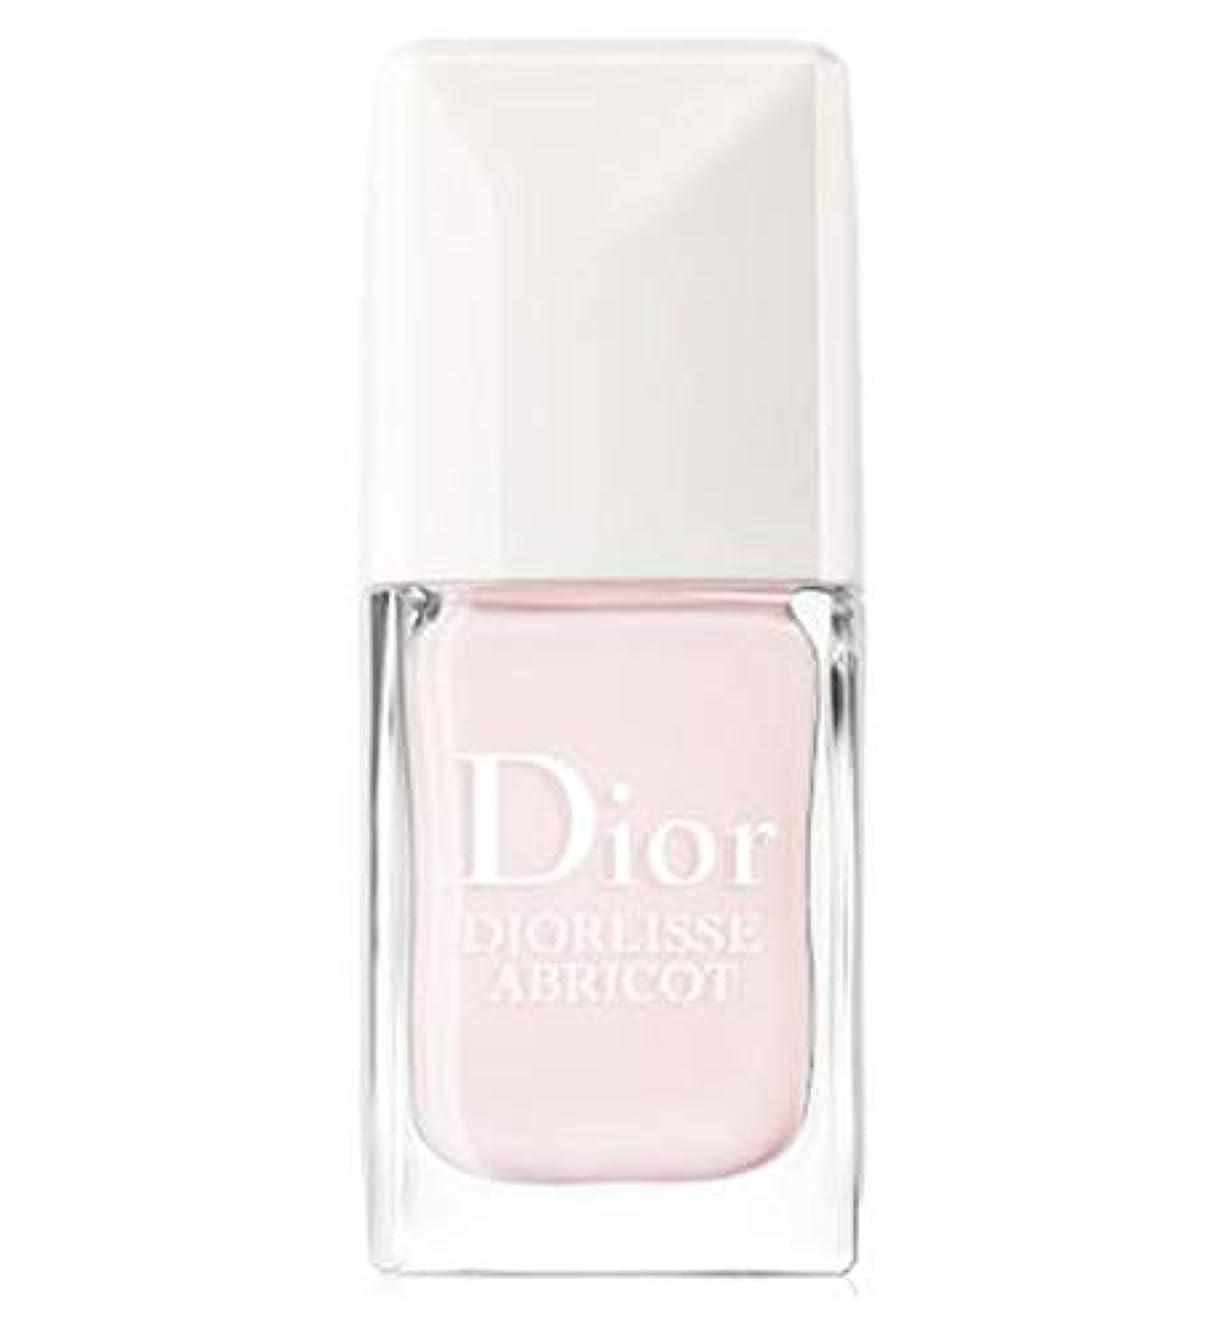 忌まわしいわな健全[Dior ] ピンクの花びらの10ミリリットルで完成ネイルケアを平滑化Abricot Diorlisse - Diorlisse Abricot Smoothing Perfecting Nail Care In Pink...